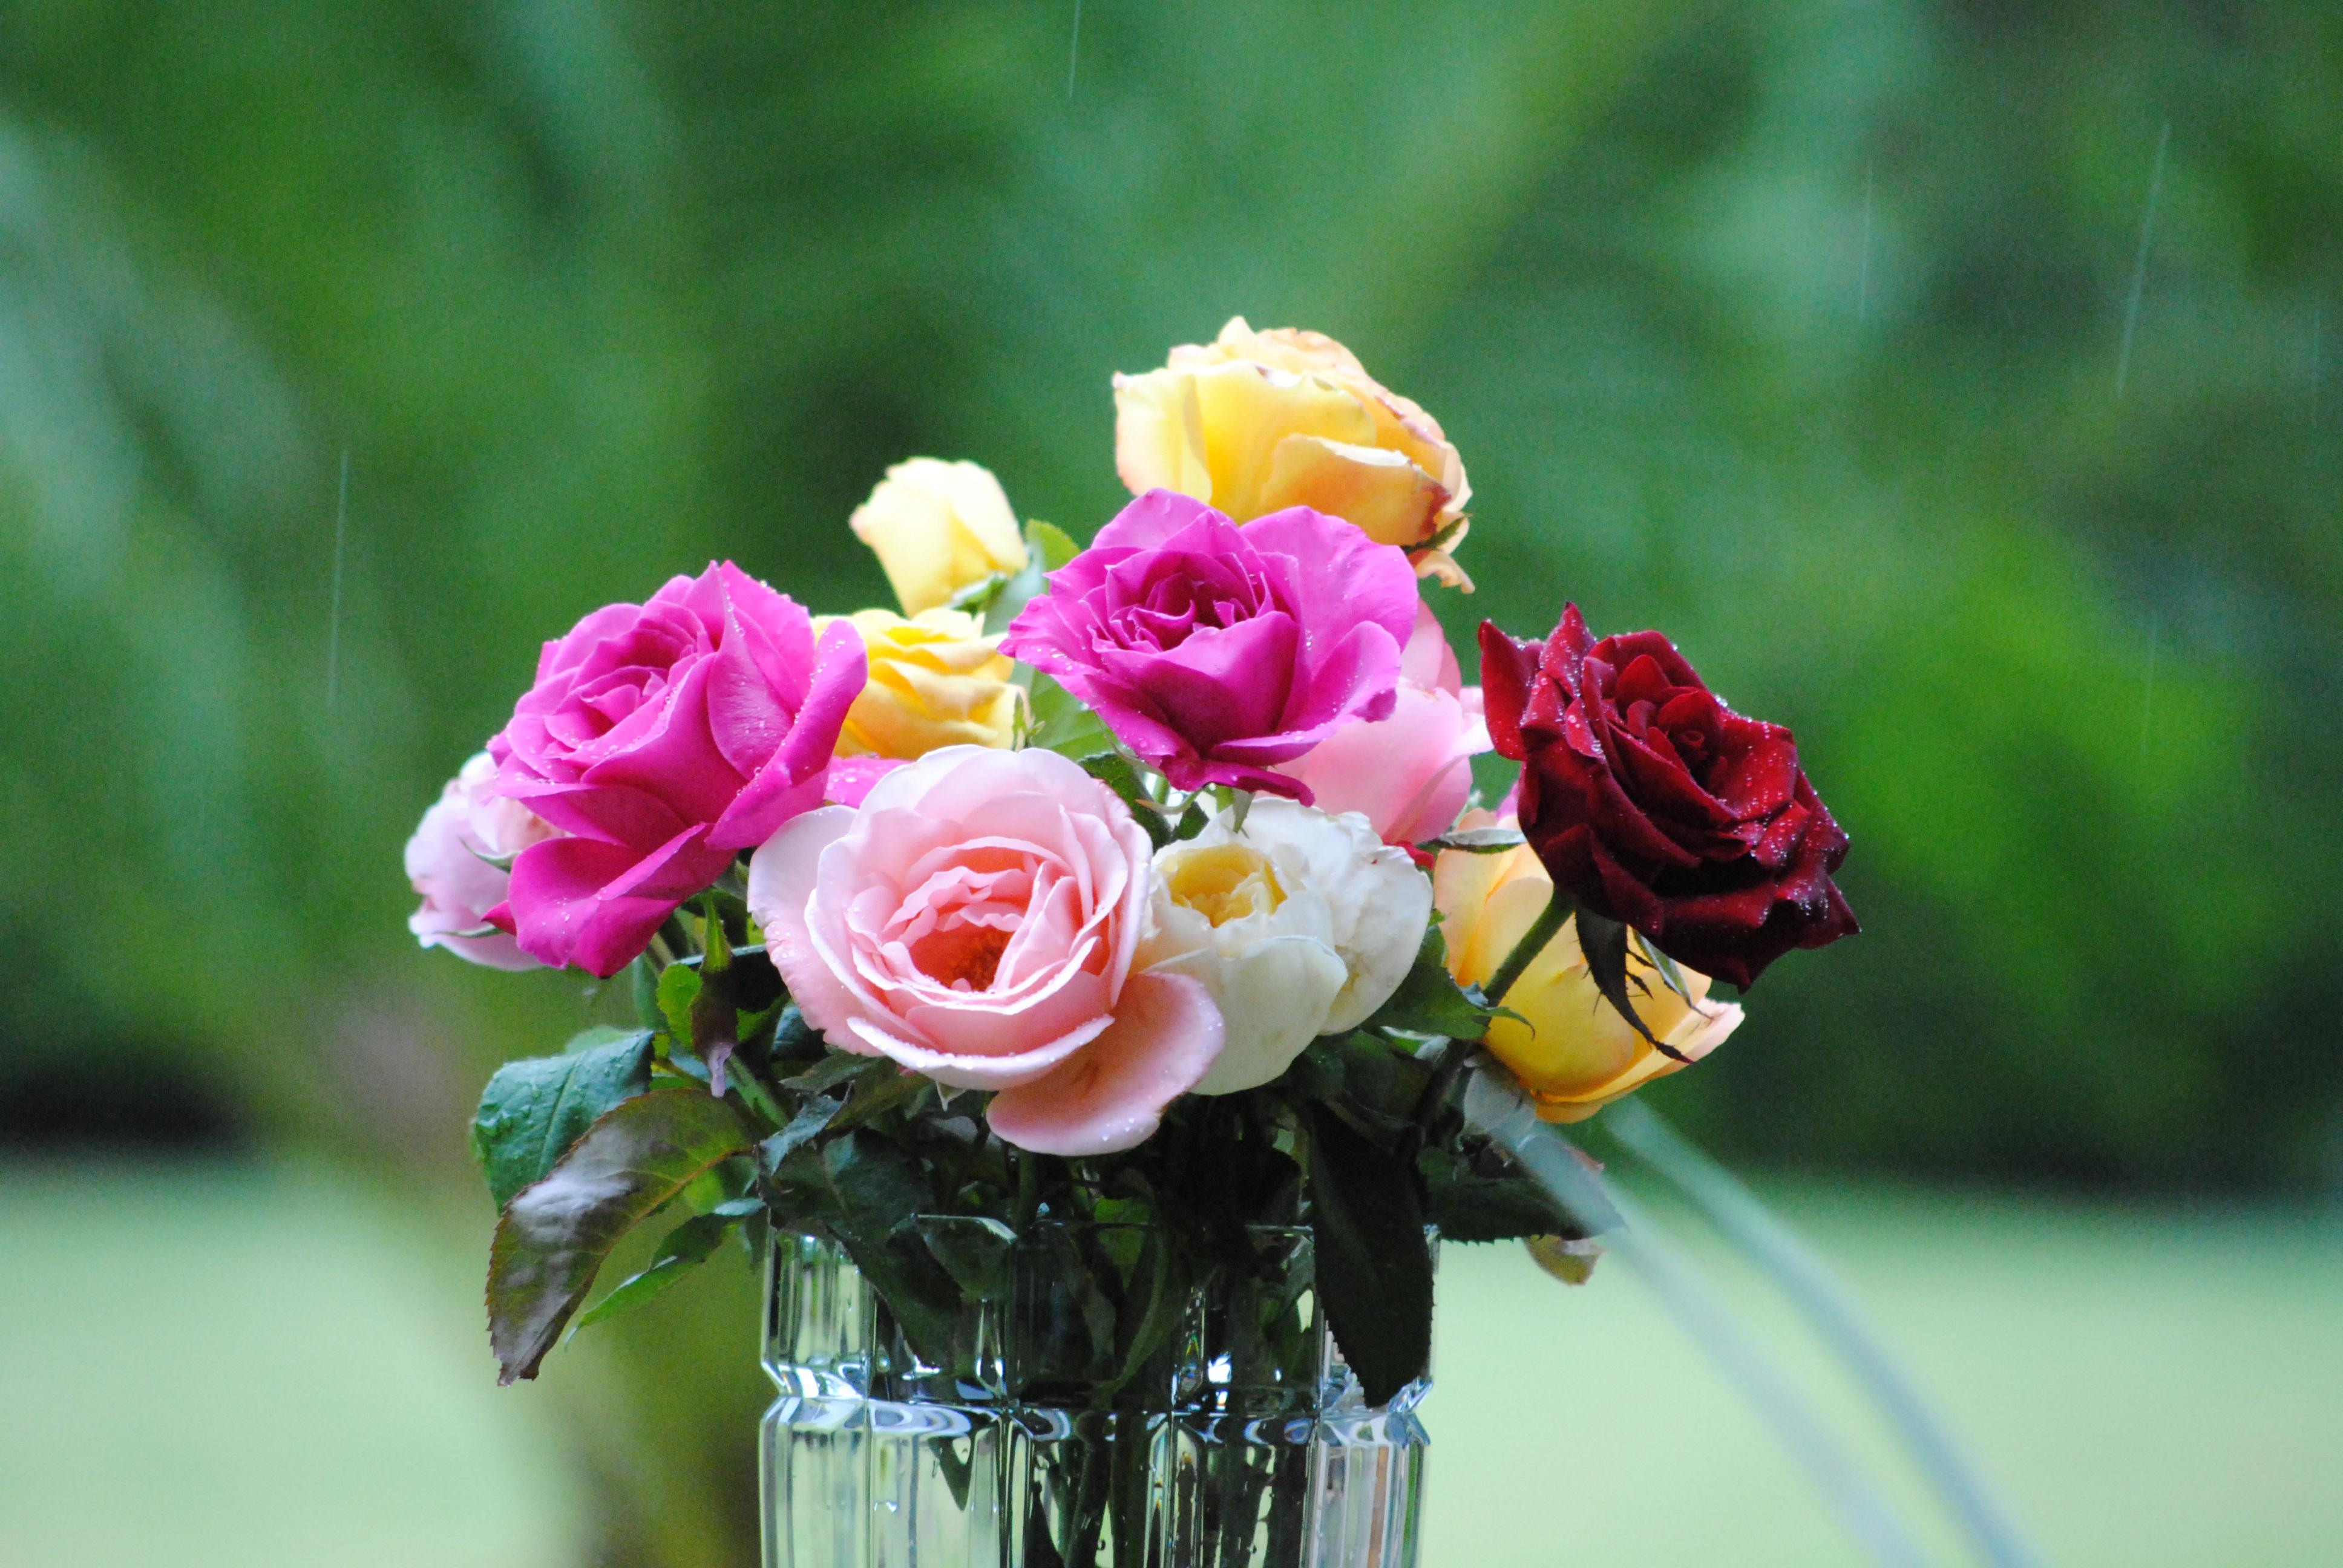 Что делать, чтобы розы дольше стояли: как сохранить розы в 43